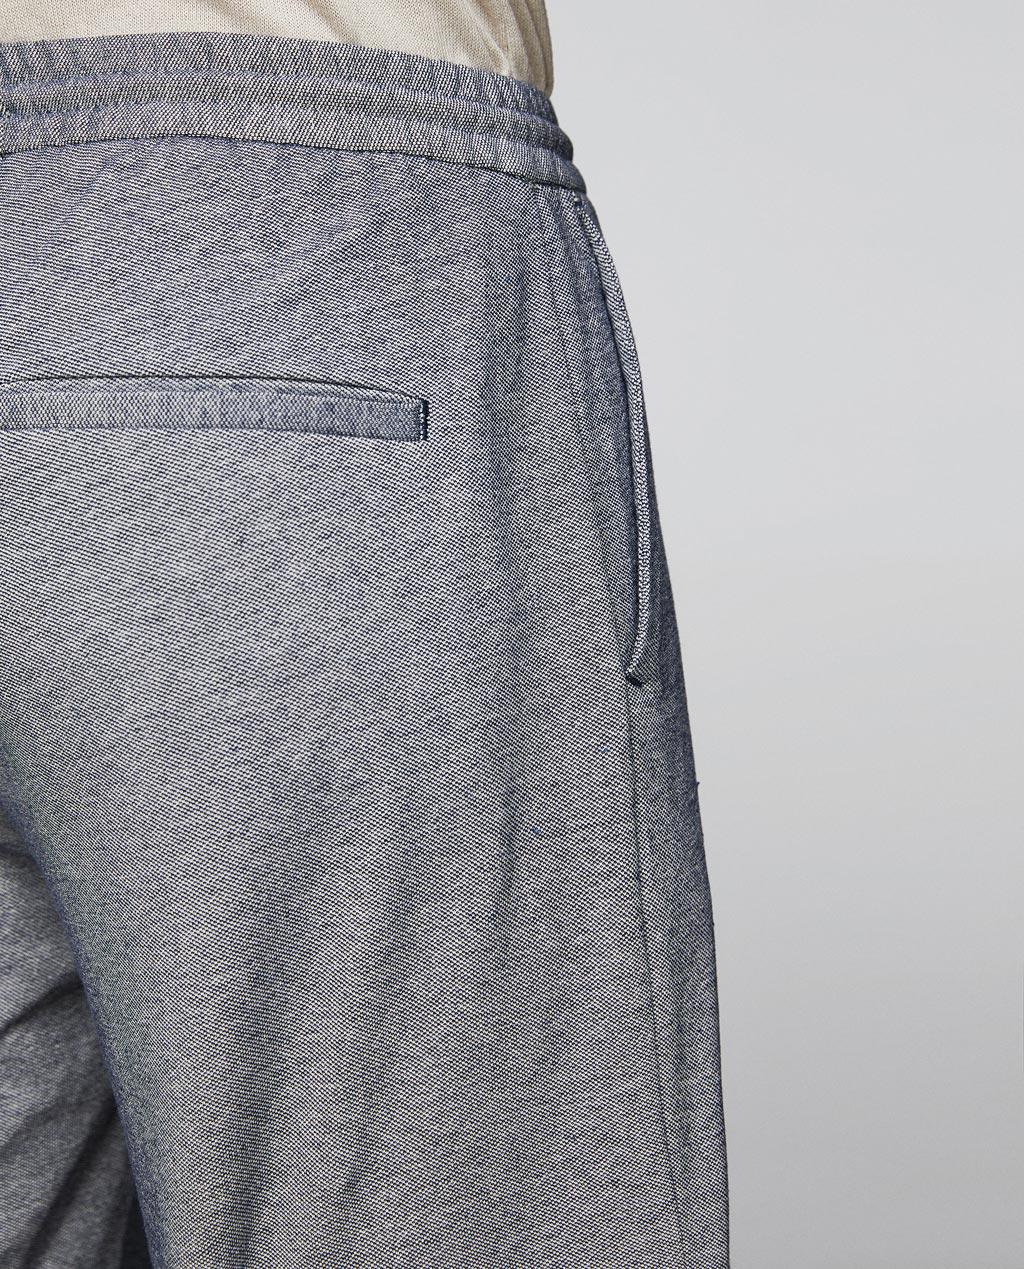 Thời trang nam Zara  24008 - ảnh 7